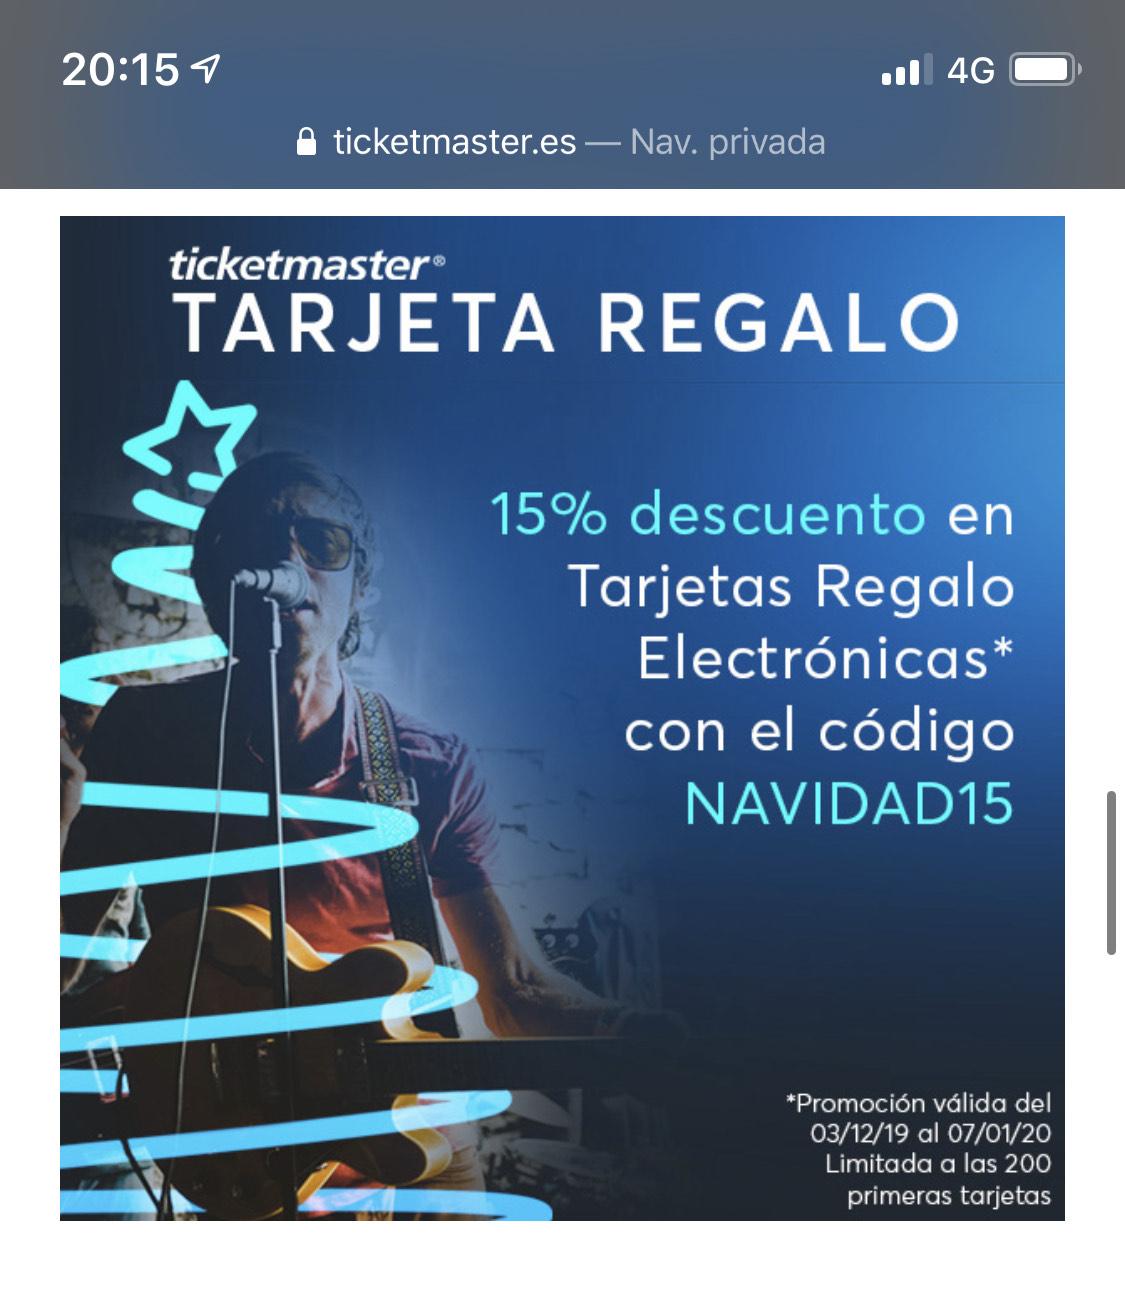 15% descuento en TicketMaster